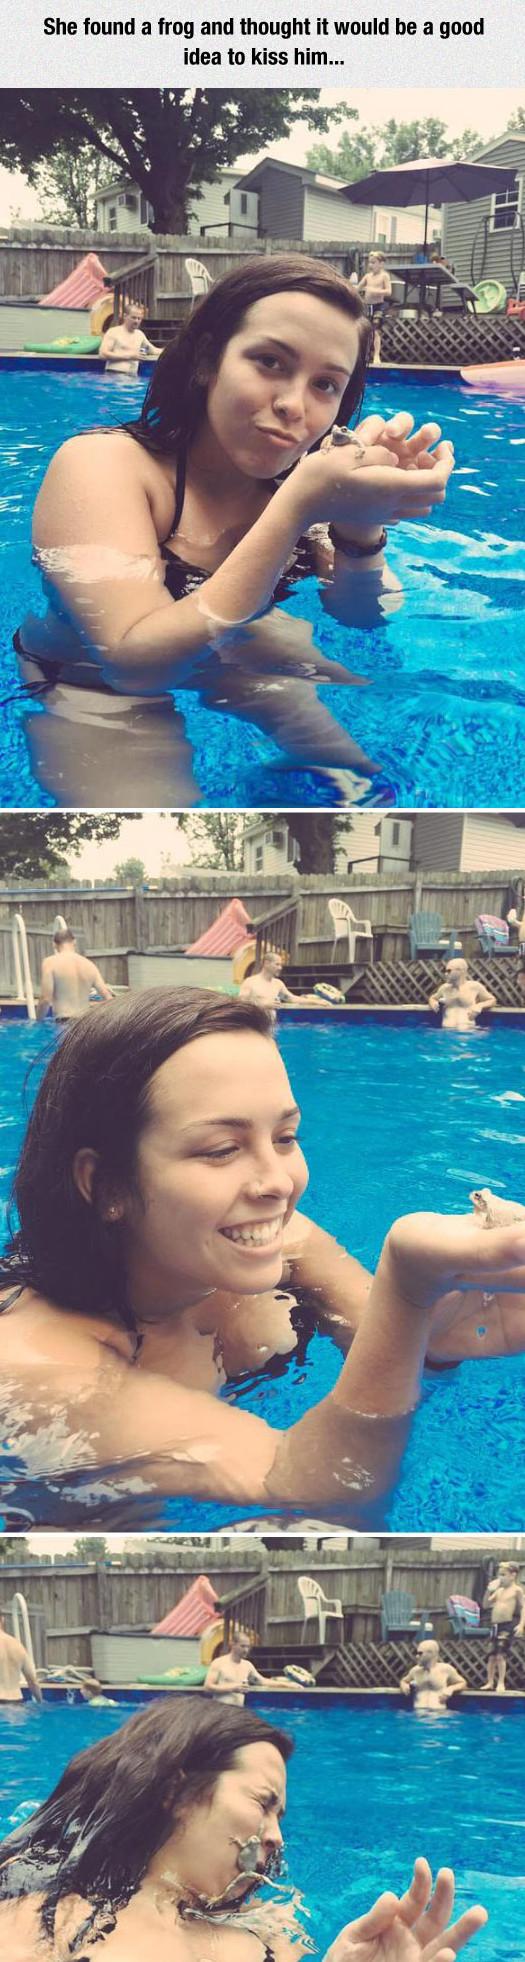 funny-girl-frog-kiss-pool-jump